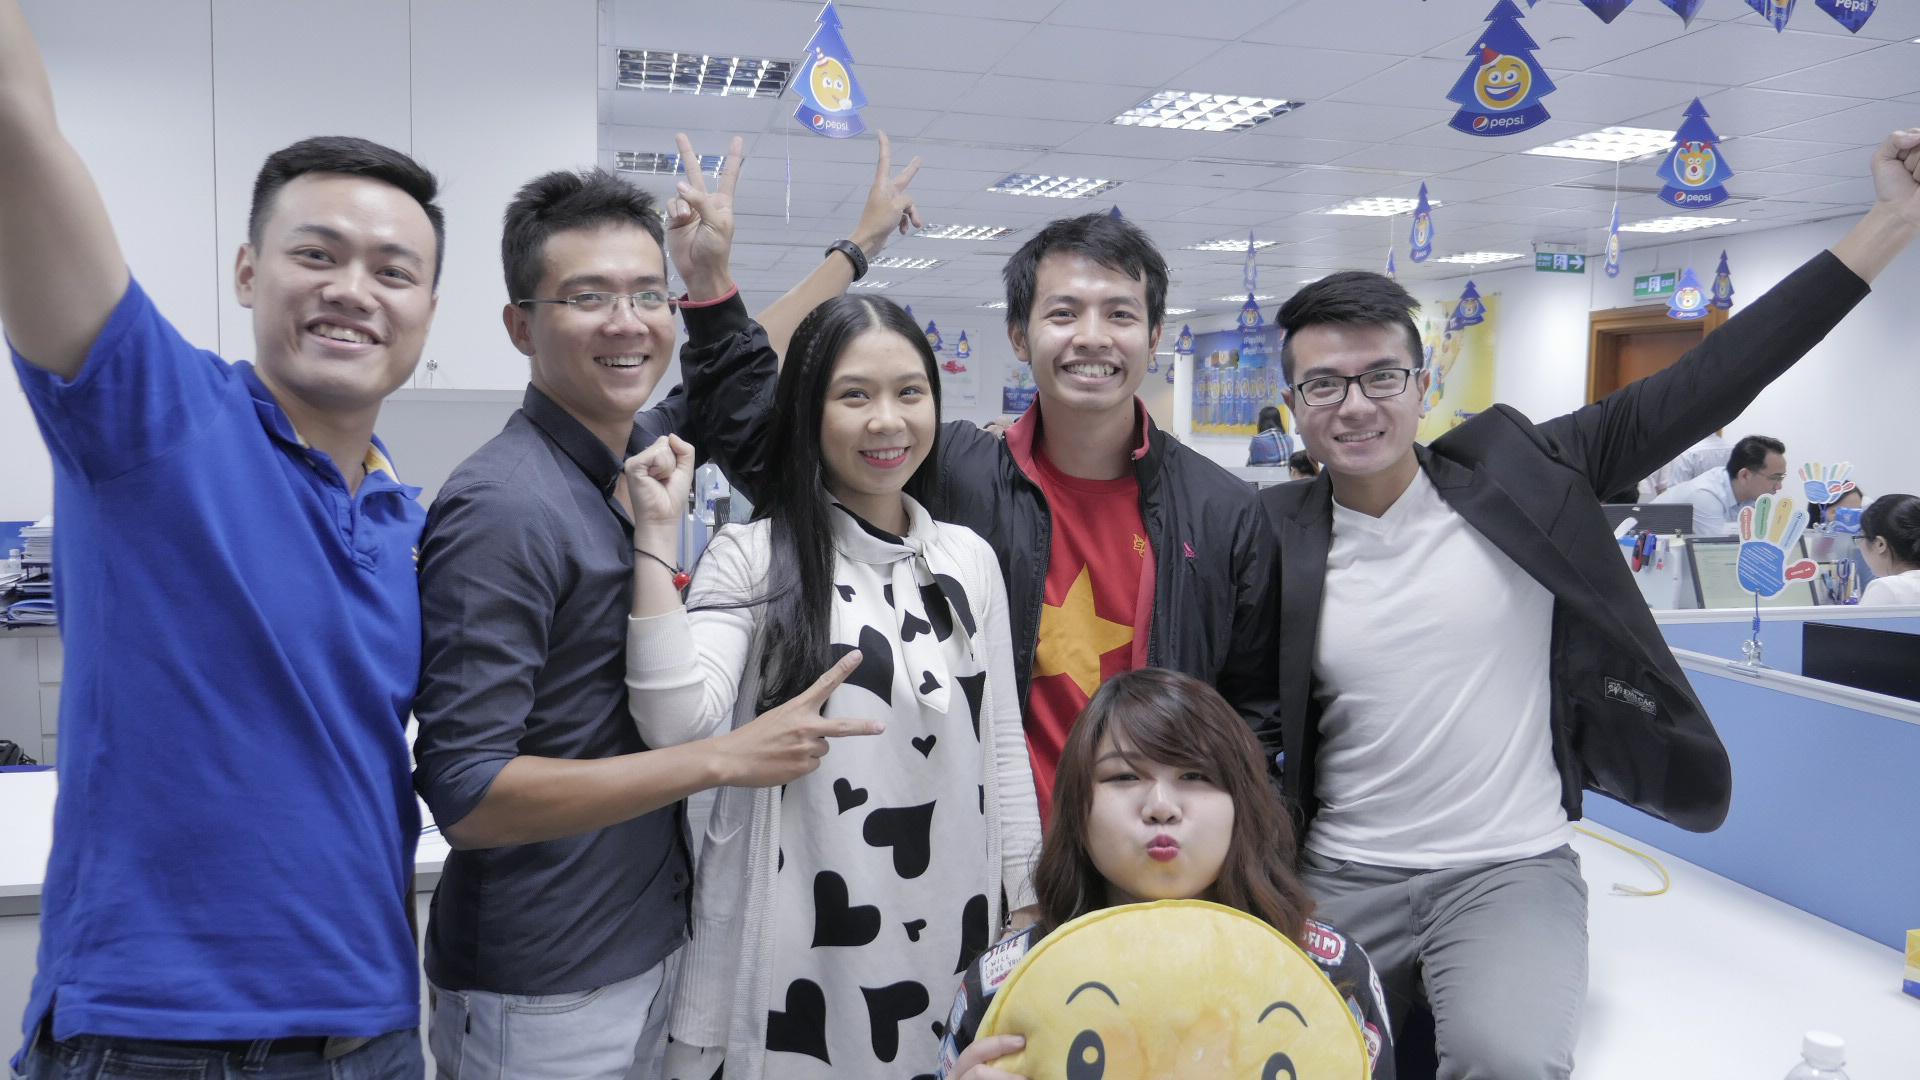 Suntory PepsiCo Việt Nam lọt vào Top 5 nơi làm việc tốt nhất Việt Nam trong ngành hàng tiêu dùng nhanh - Ảnh 1.